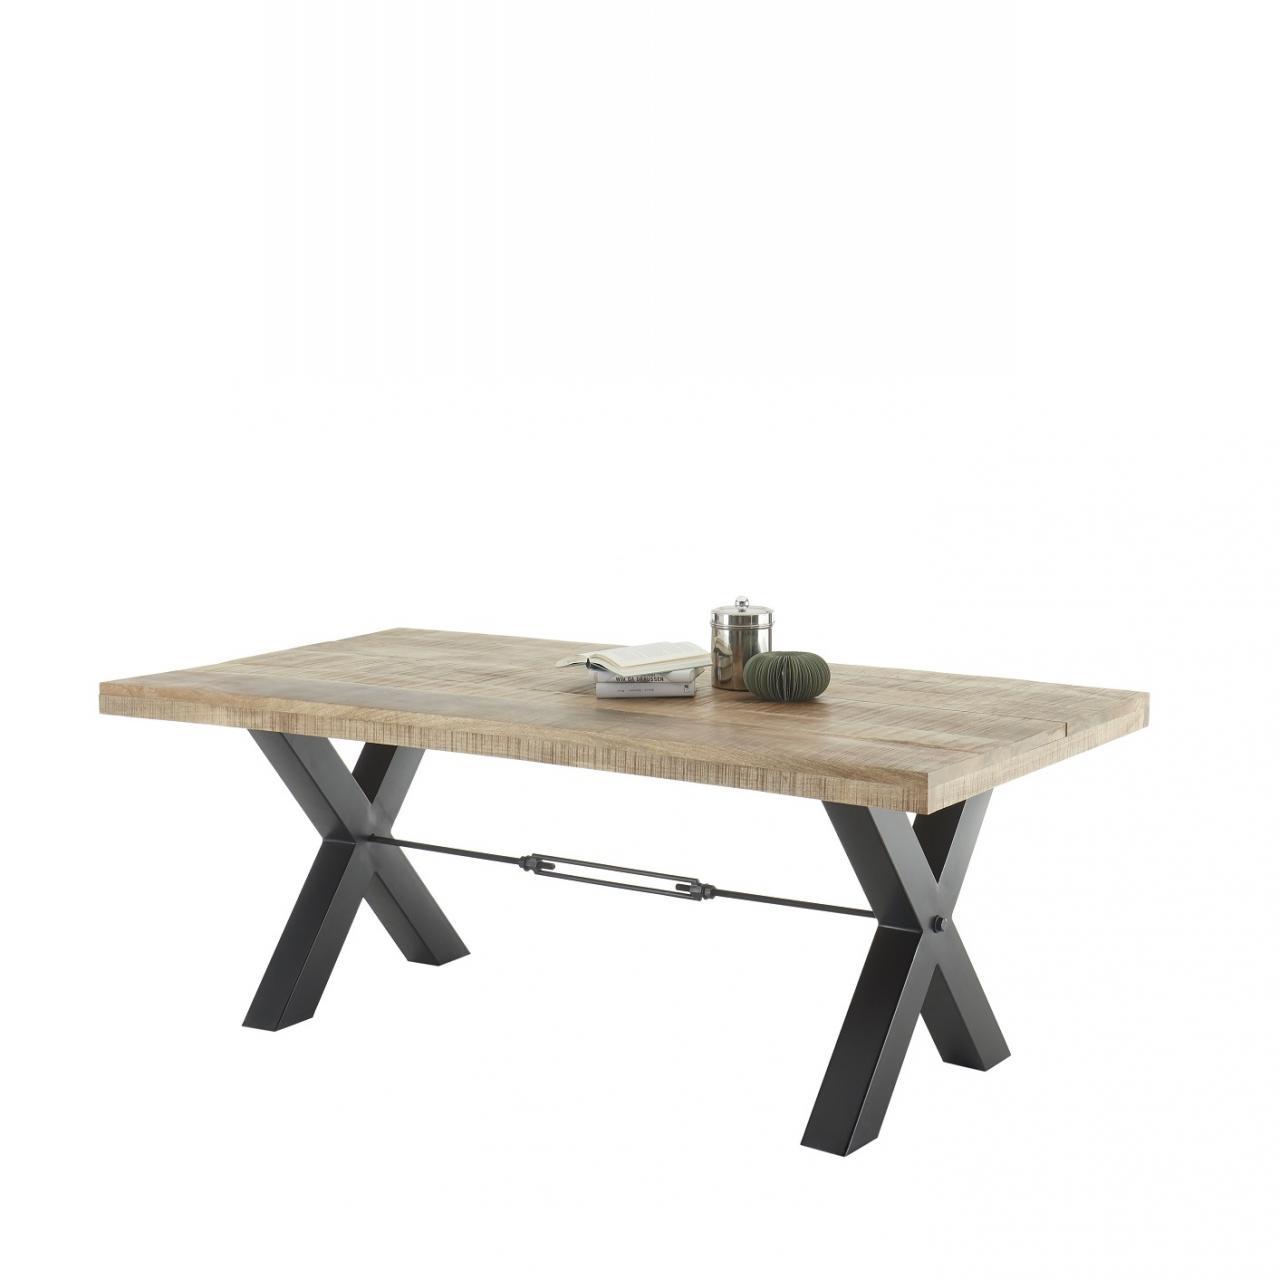 Esstisch Dehli Mango Holz X-Fuß Metall Schwarz Antik Küchentisch Esszimmer Tisch